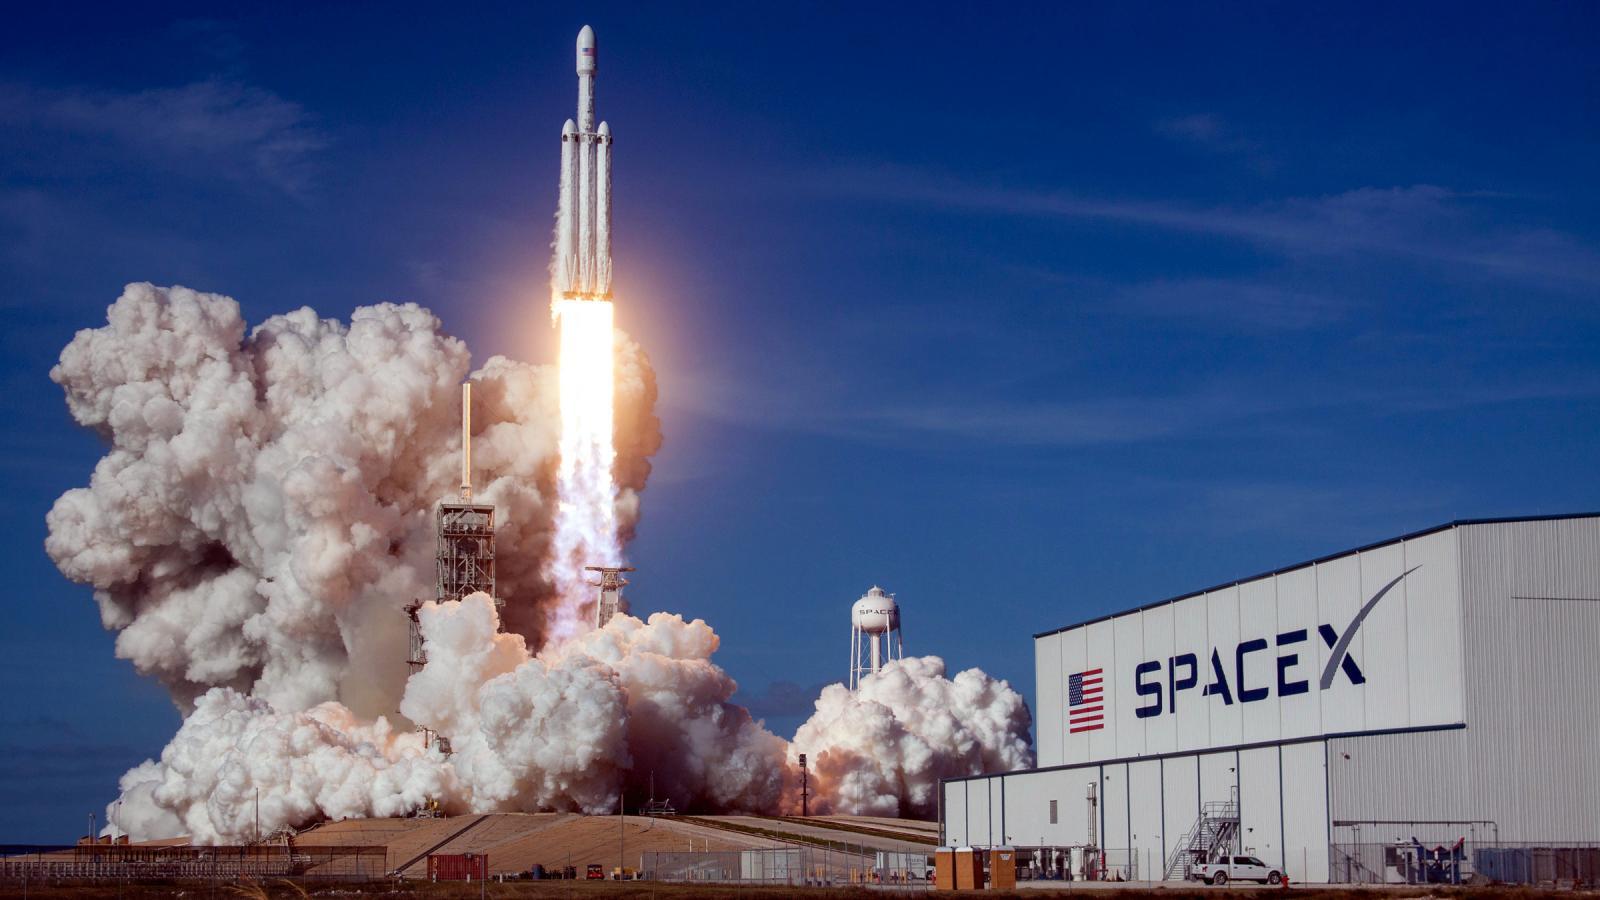 Спутники OneWeb и SpaceX выдали красный сигнал о возможном столкновении